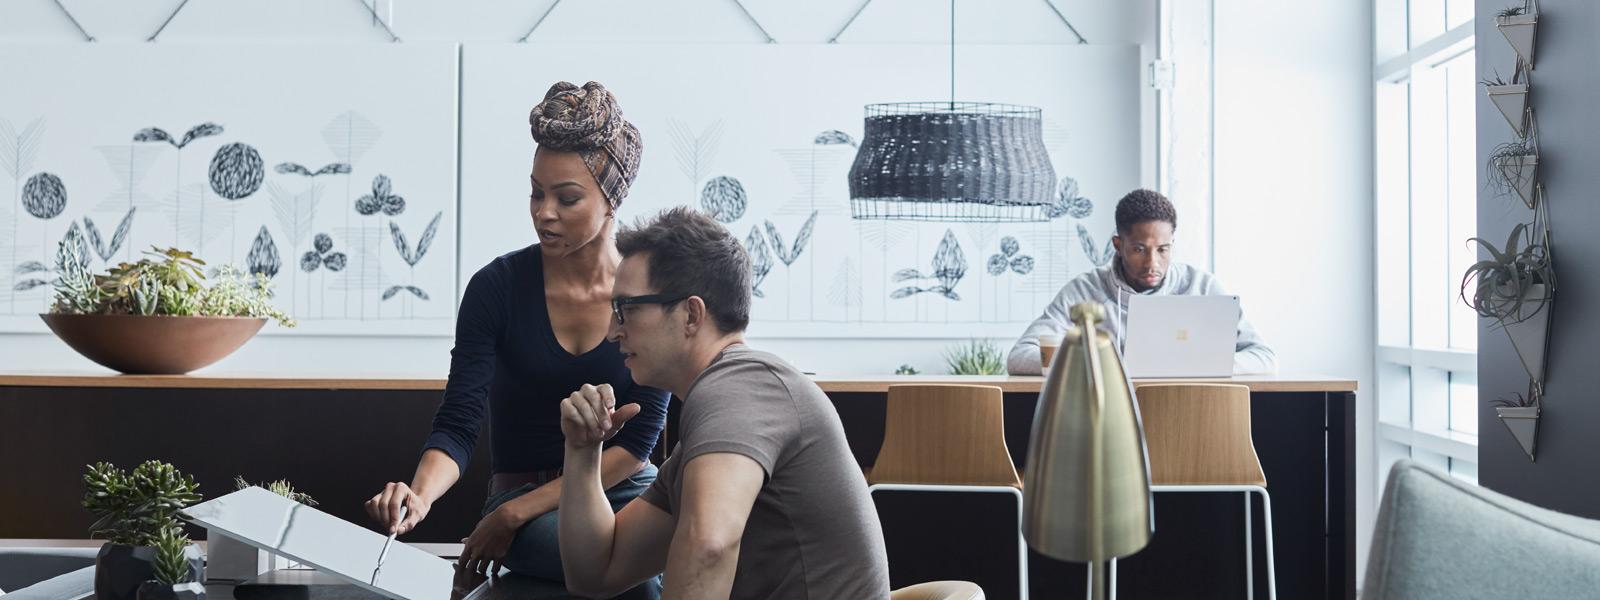 Mann und Frau, in einer Steelcase-Umgebung auf ein Surface Studio blickend.